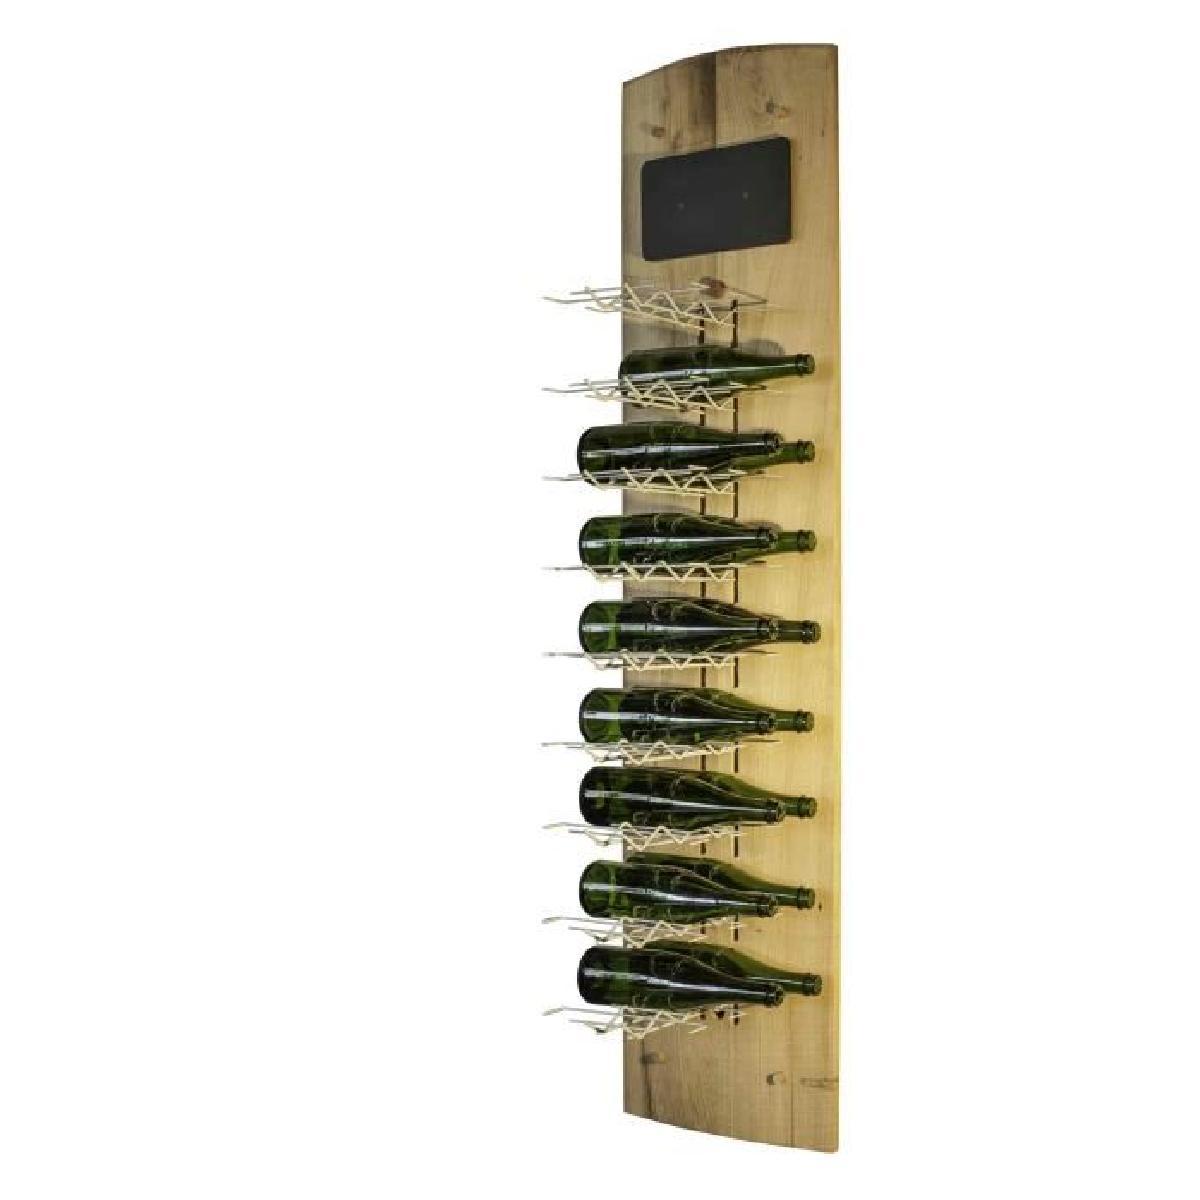 Casier bouteille metal bois